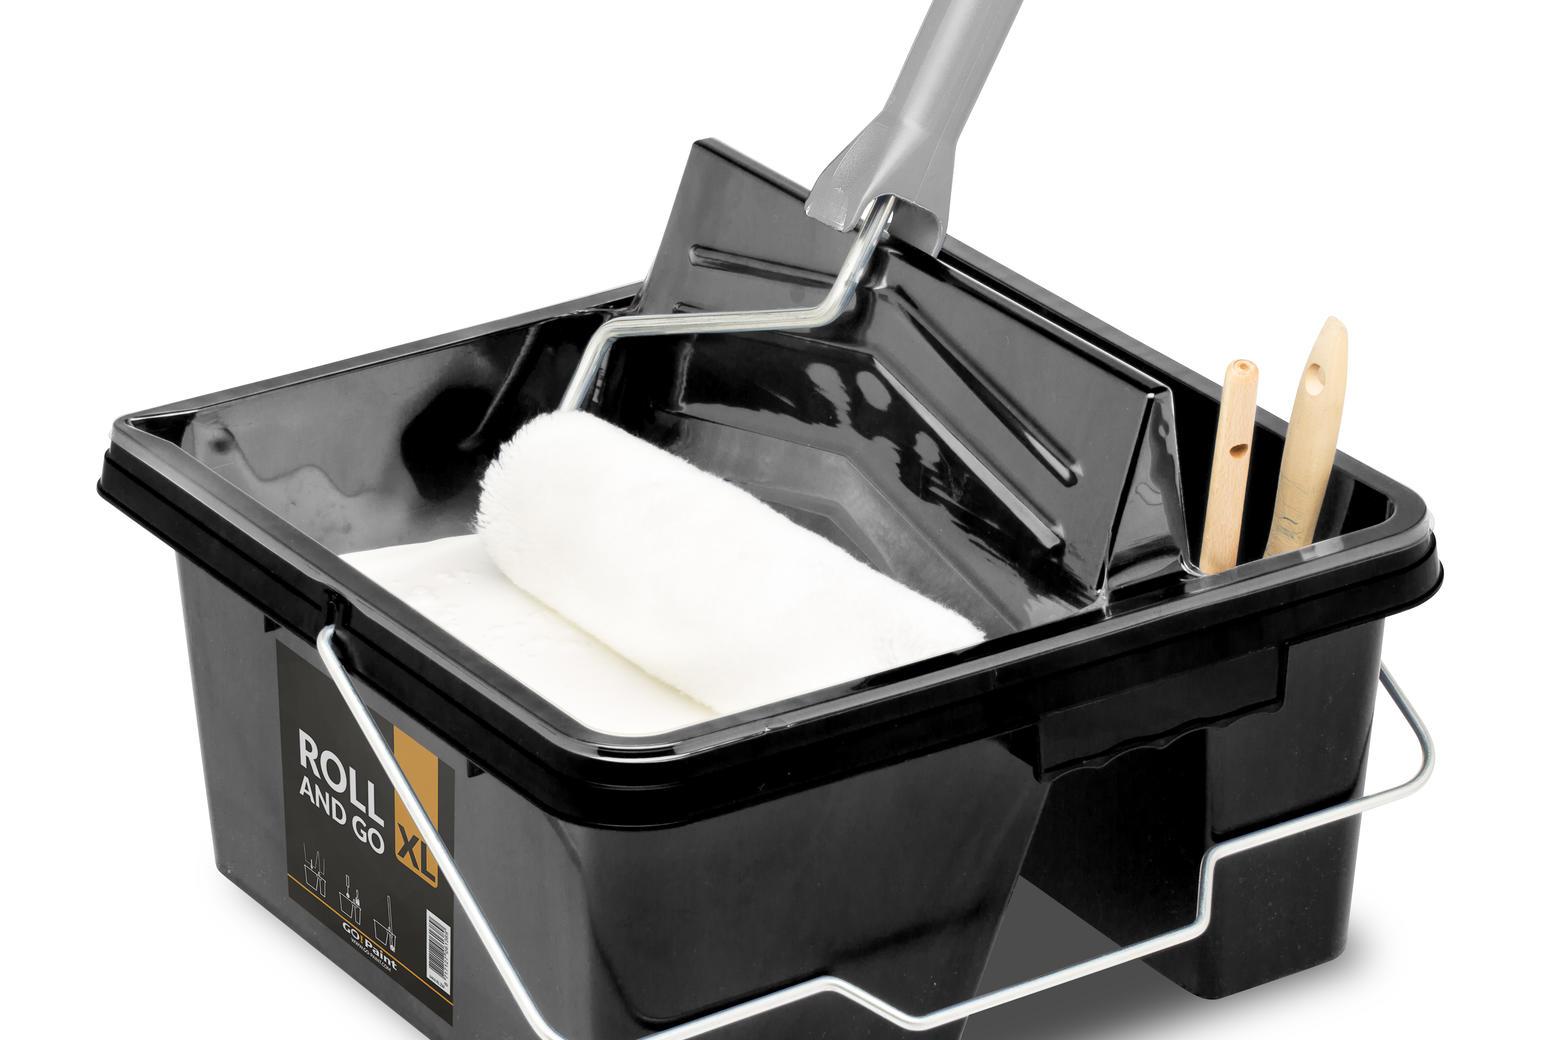 Der Roll and Go XL ist ein stabiler Farbbehälter mit zwei Kompartimenten: eins zum Arbeiten mit dem Farbroller und eins für das übrige Material.